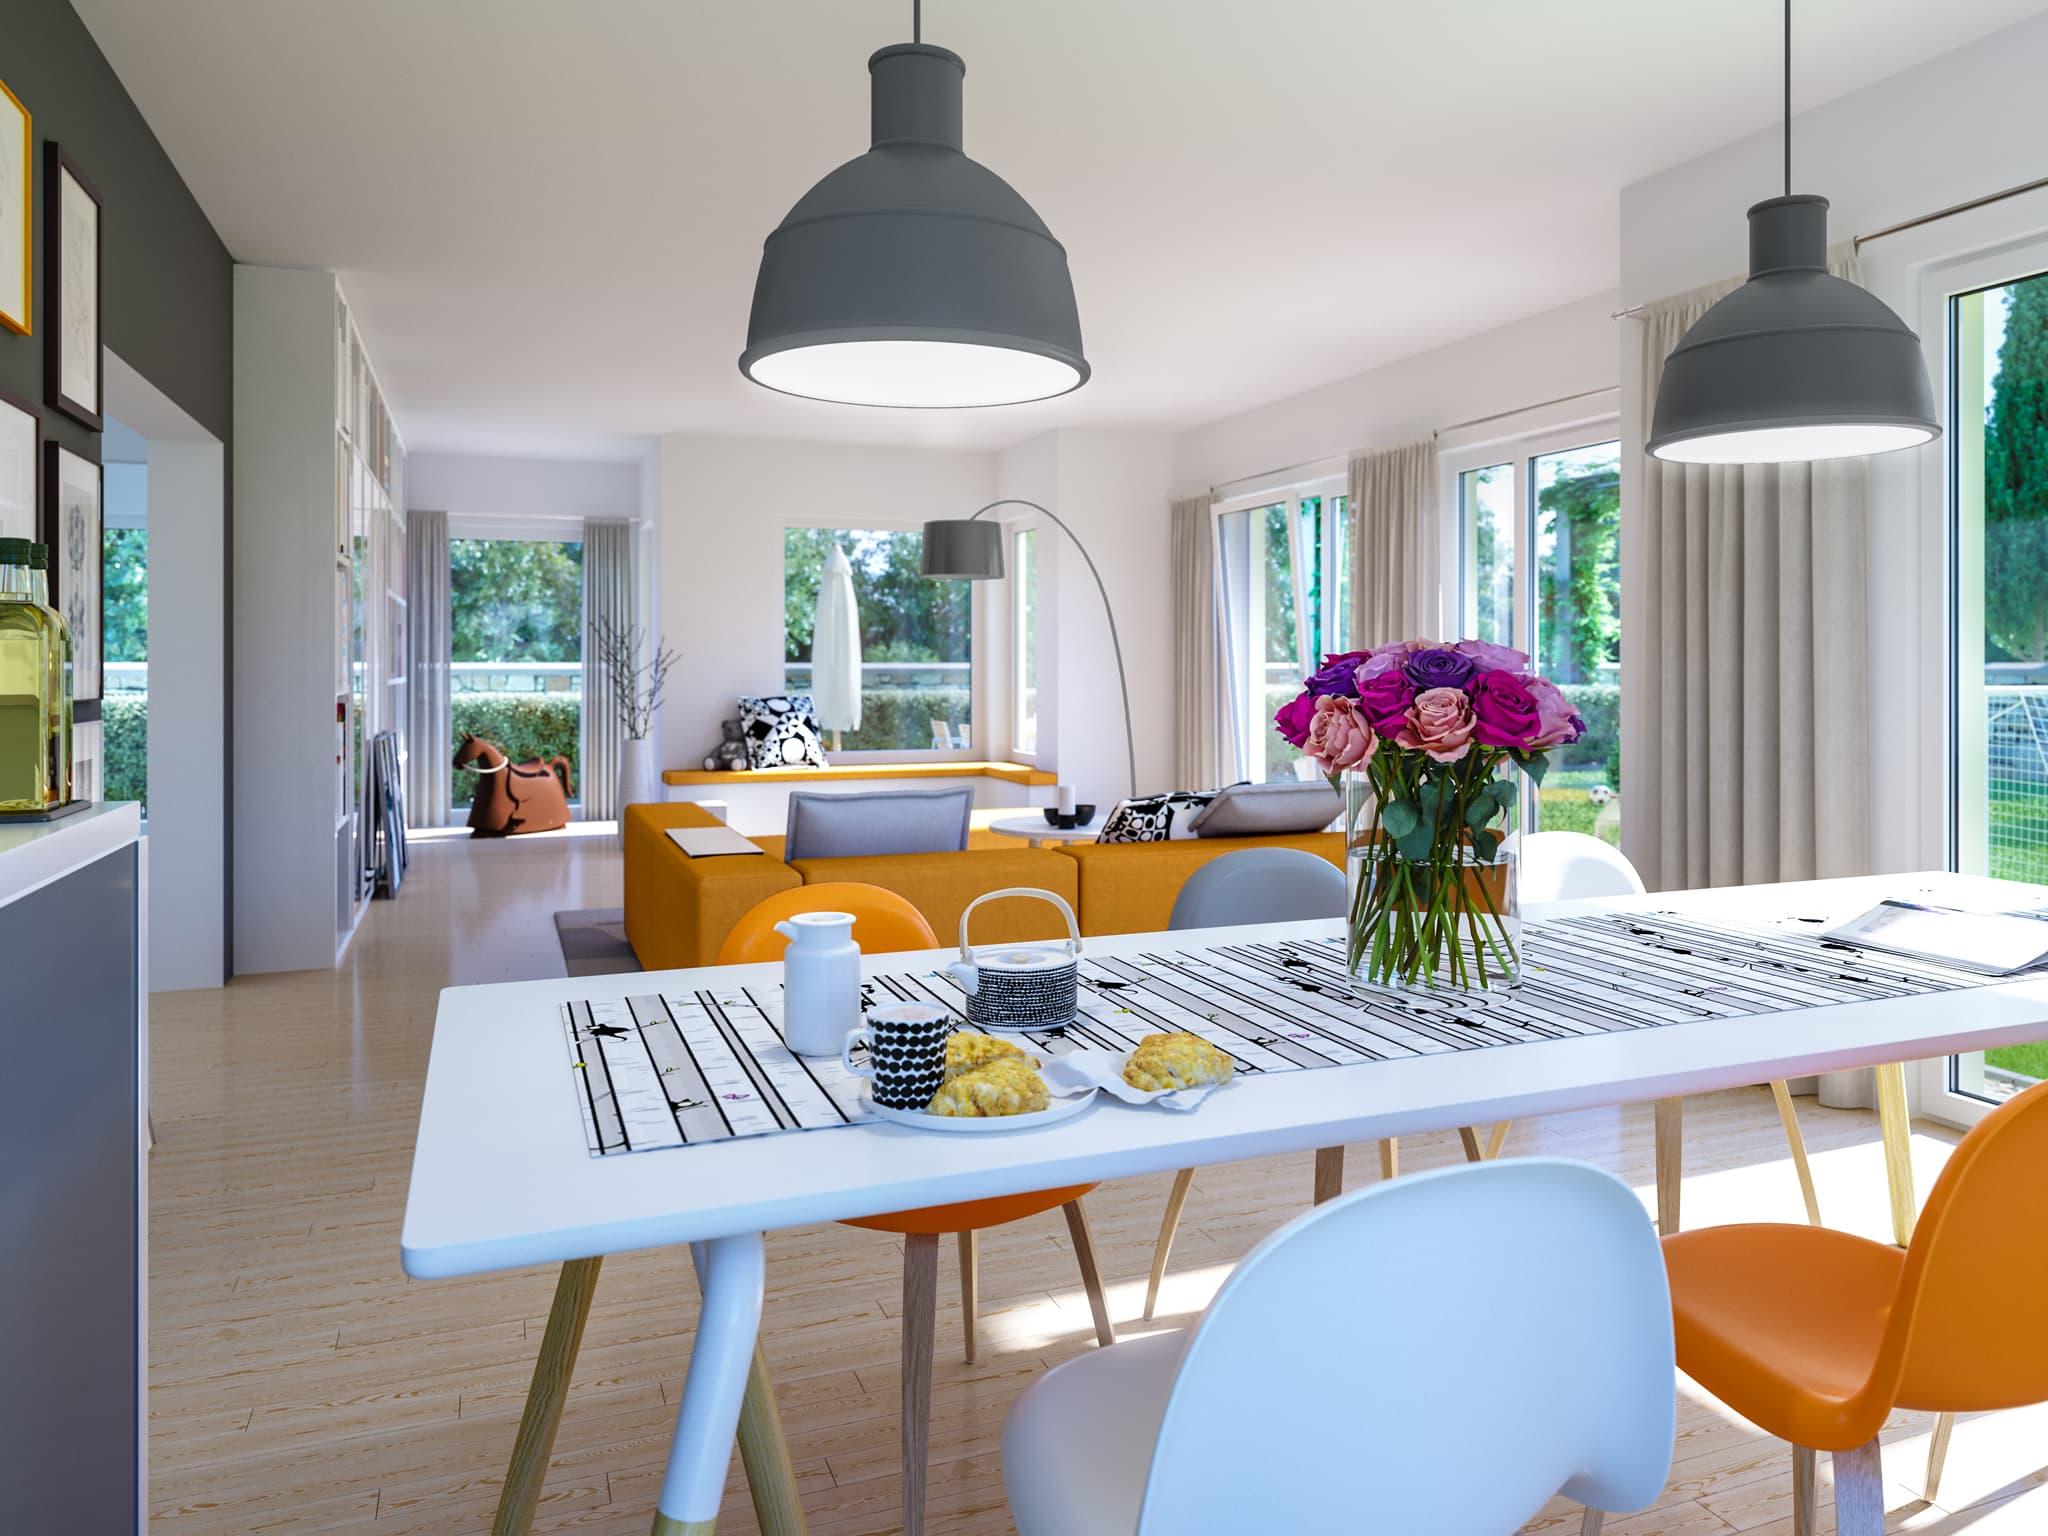 Wohn-Esszimmer modern - Wohnideen Fertighaus SUNSHINE 165 V5 von Living Haus - HausbauDirekt.de